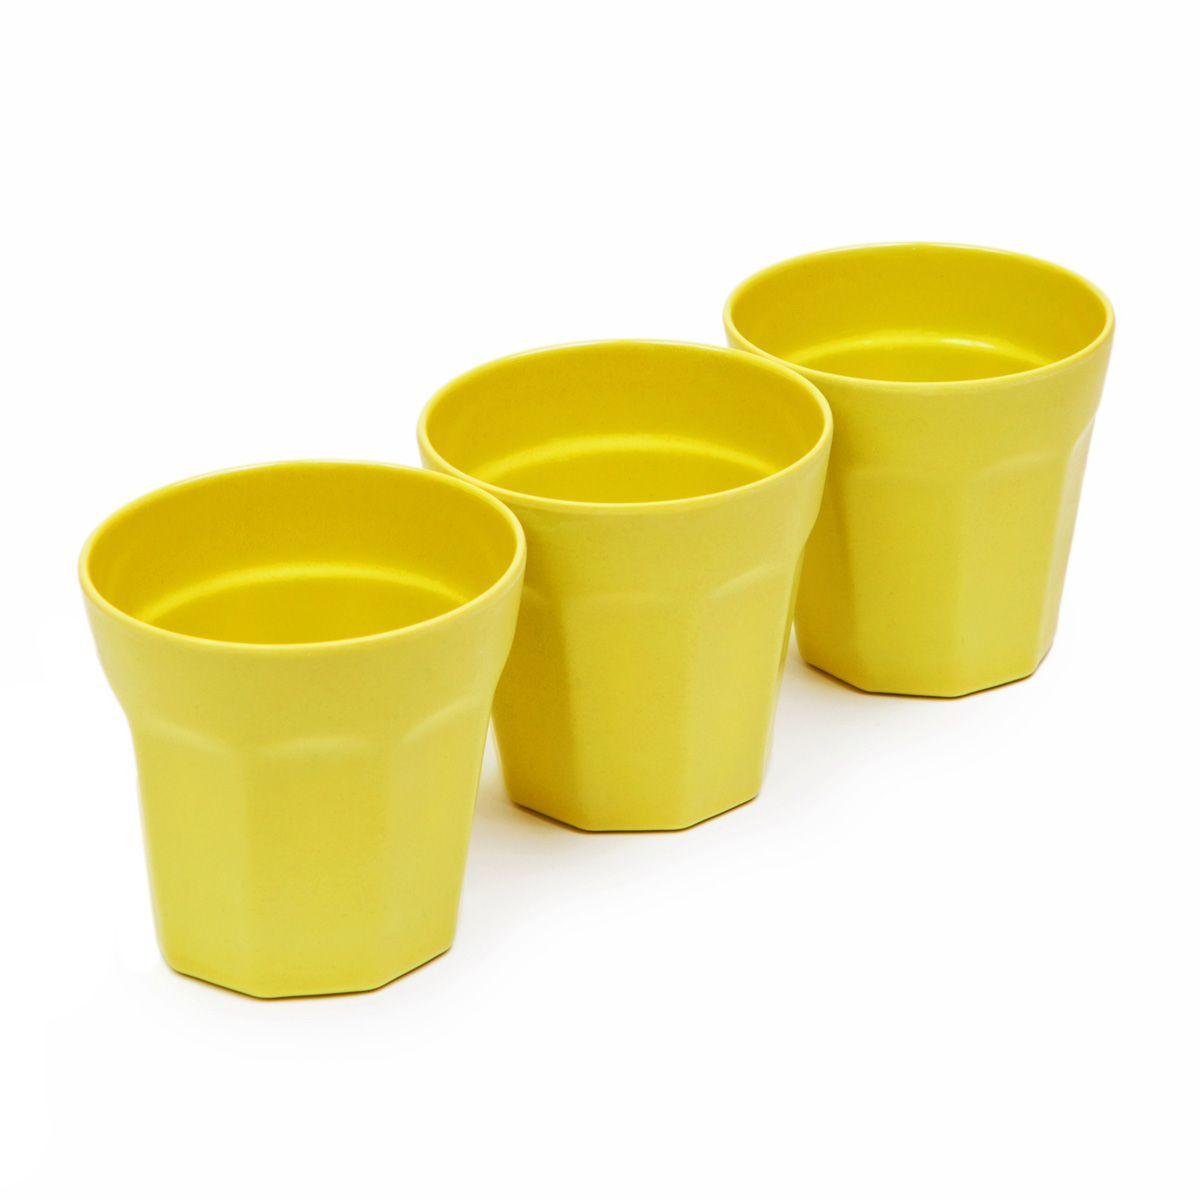 Набор стаканов MoulinVilla, цвет: зеленый, 8,7 х 8,9 см, 3 штVT-1520(SR)Набор MoulinVilla состоит из трех стаканов. Предметы набора изготовлены из природного бамбука, очищенного от вредных примесей. Для окраски используются натуральные пищевые красители. Бамбук, сам по себе, является природным антисептиком. Эта уникальная особенность посуды гарантирует безопасность при эксплуатации и хранении различных видов пищевой продукции. Можно мыть в посудомоечной машине и в СВЧ-печах. Можно использовать для горячих и холодных продуктов (диапазон температур: от -20°С до 120°С). Диаметр стакана по верхнему краю: 8,7 см. Высота стенки стакана: 8,9 см.